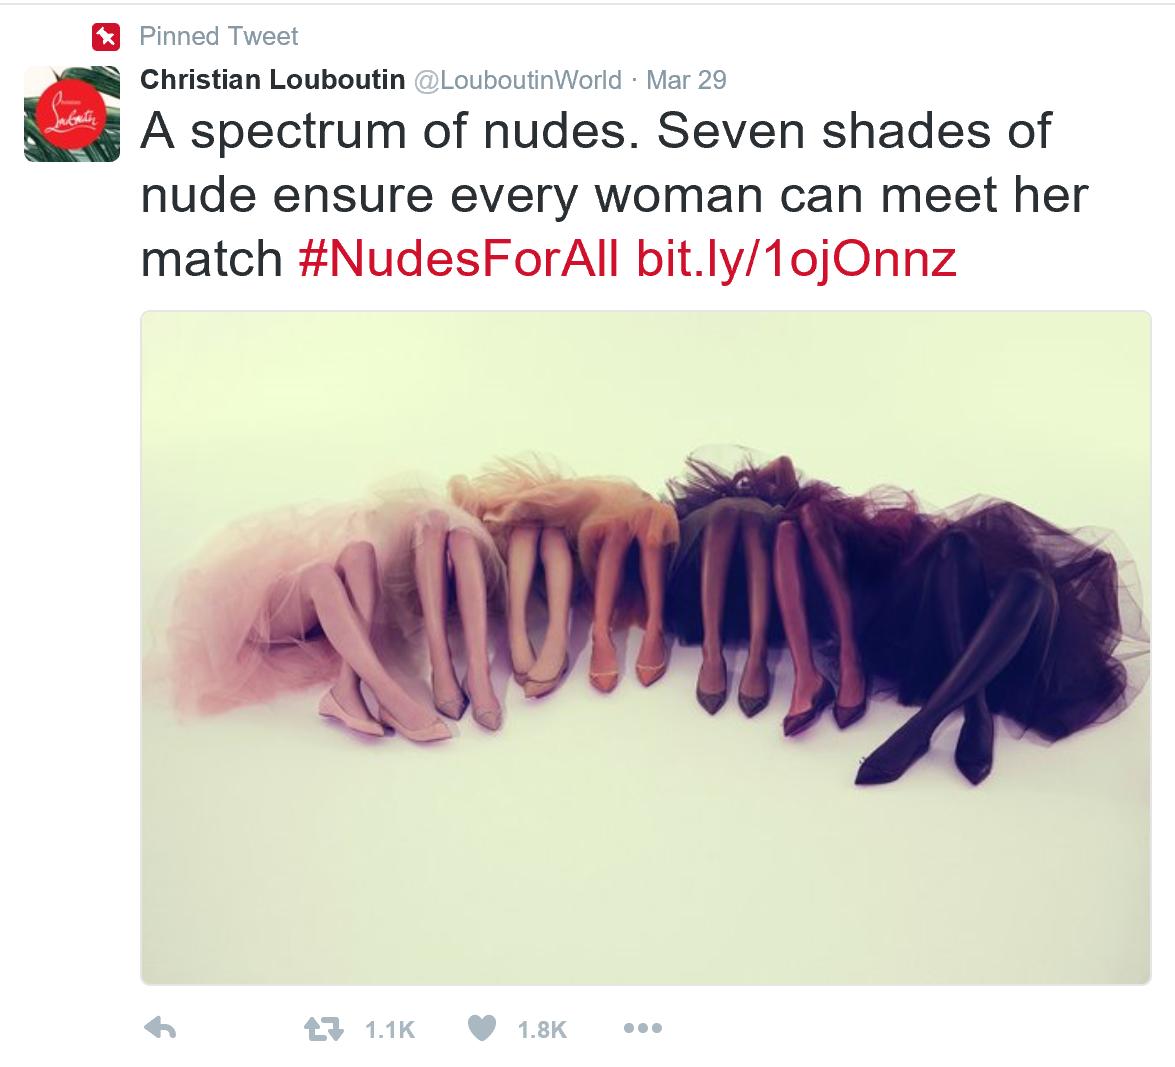 Louboutin nudes tweet